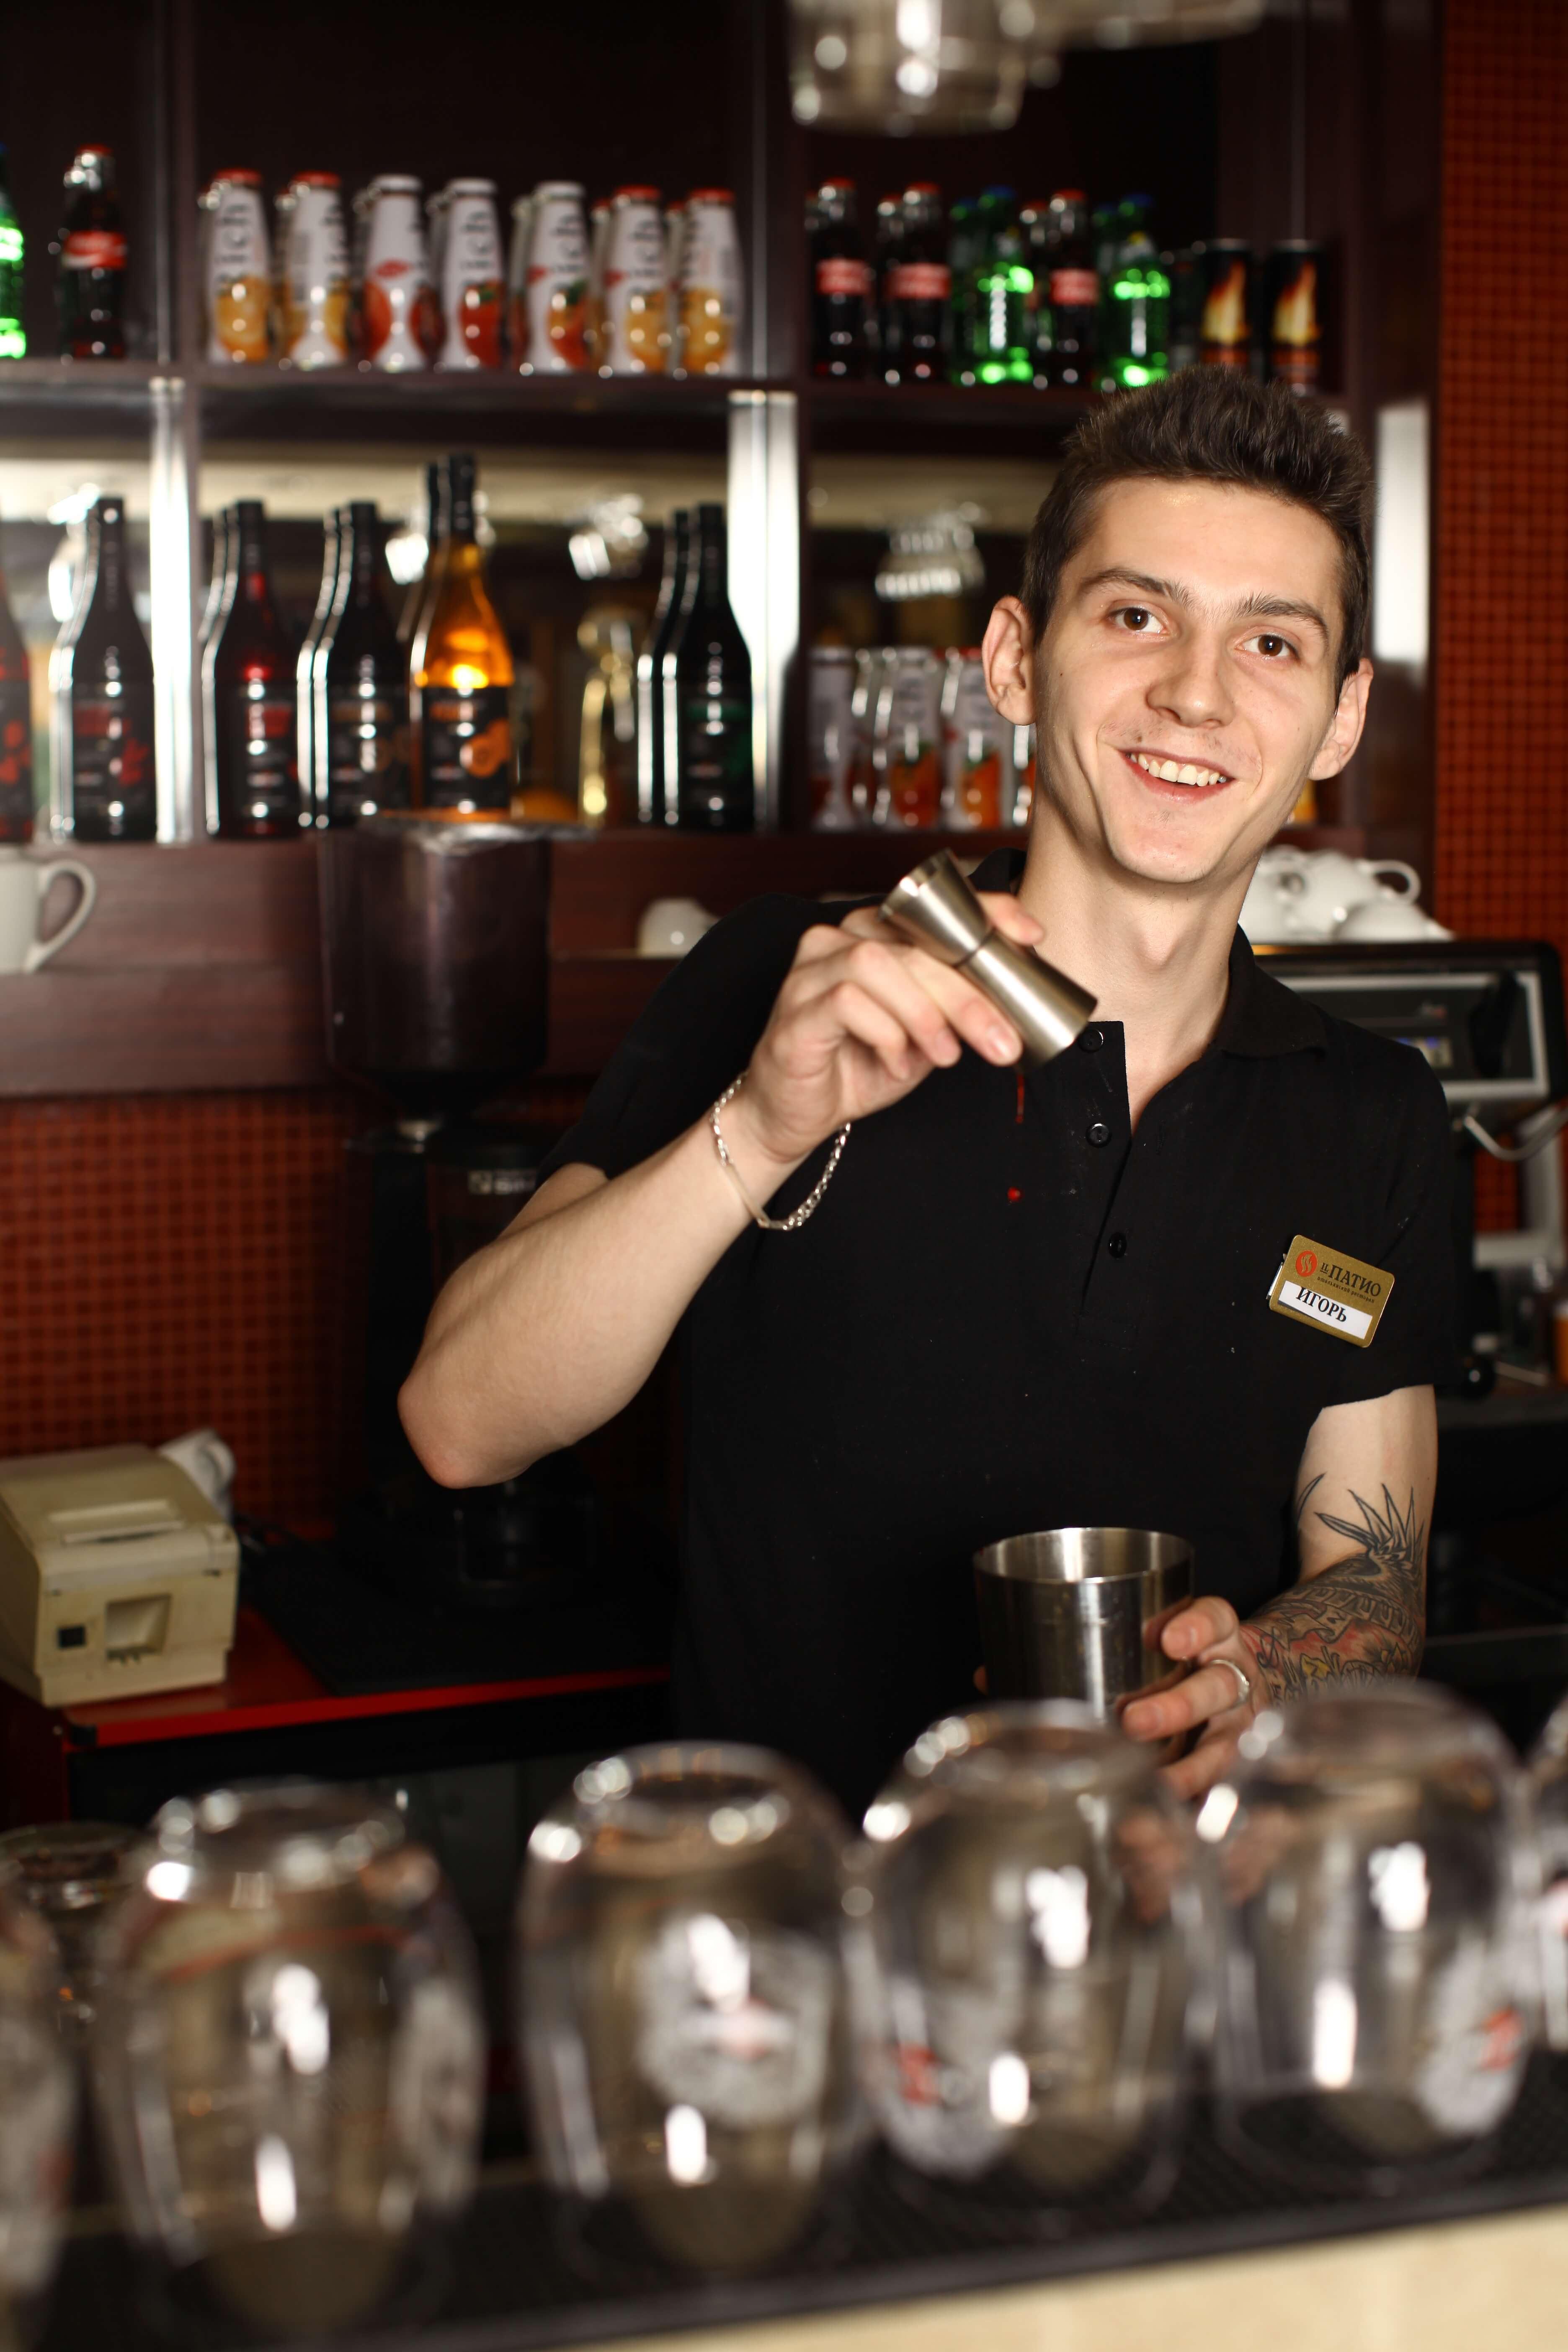 Работа барменом с обучением в нижнем новгороде